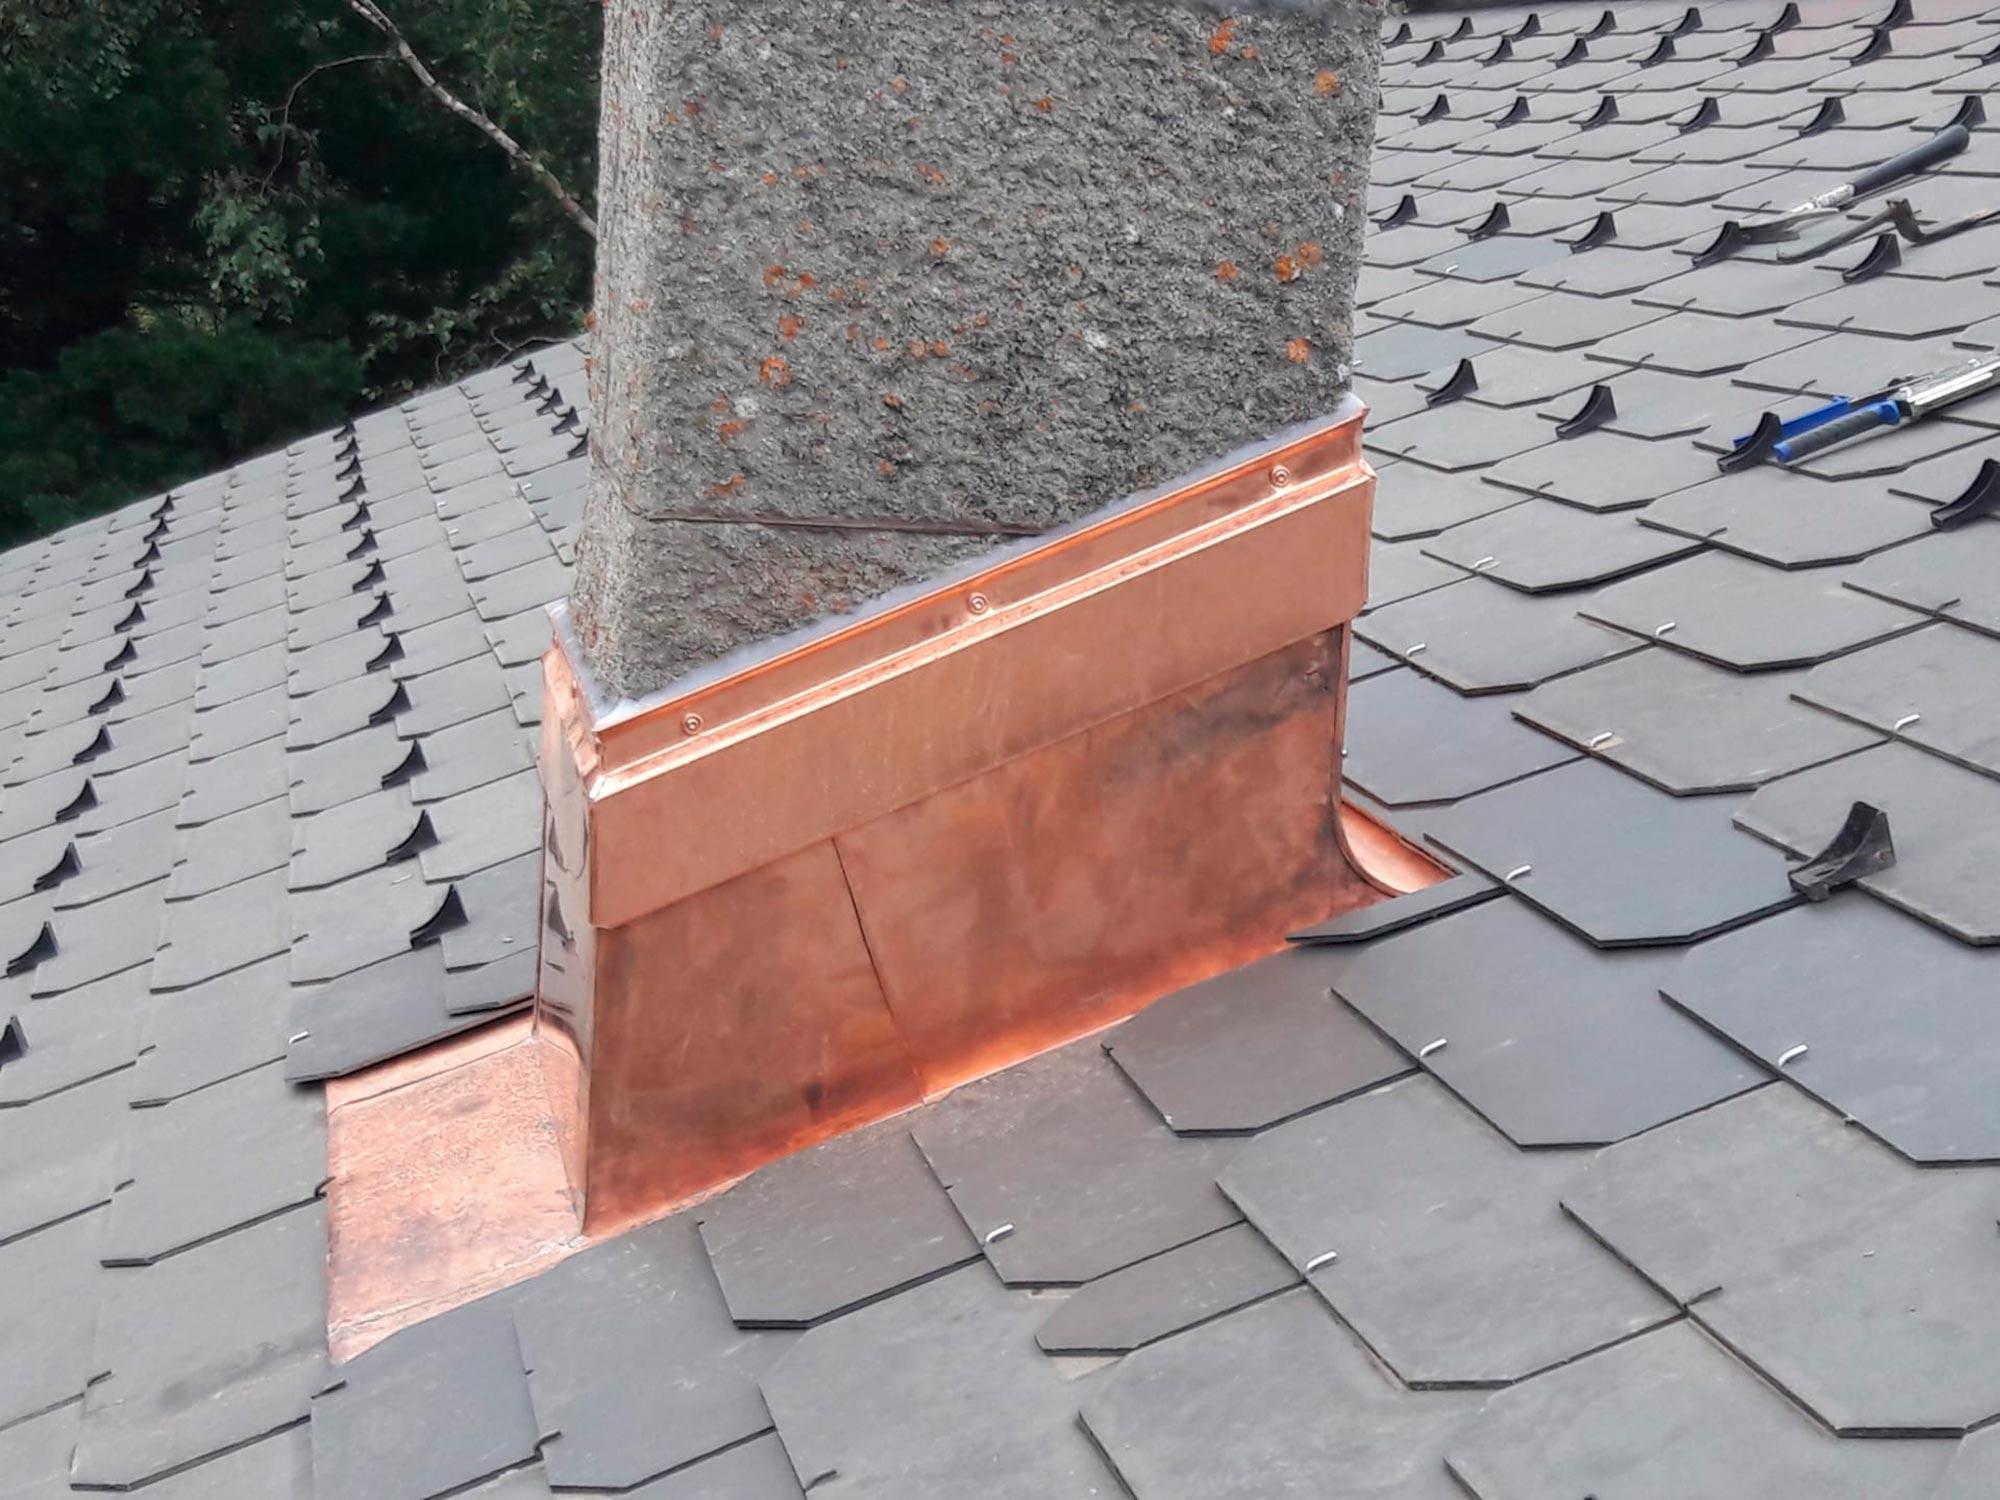 ABDACH AG in Brig Glis, Wallis – Spenglerarbeiten auf dem Dach – Kamin